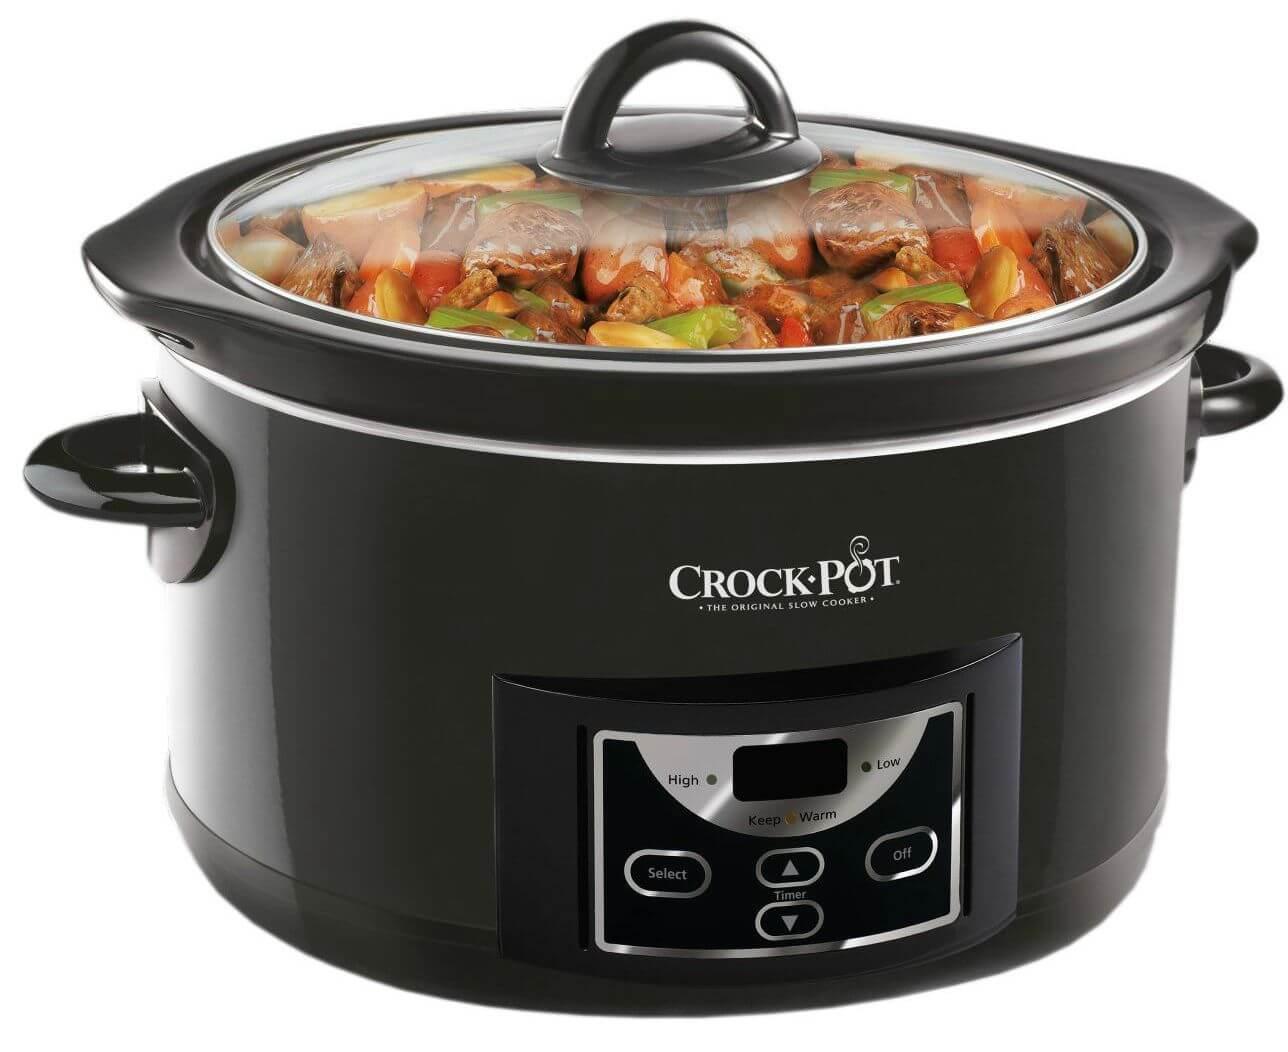 Crock Pot 4,7 L. Digital Slow Cooker